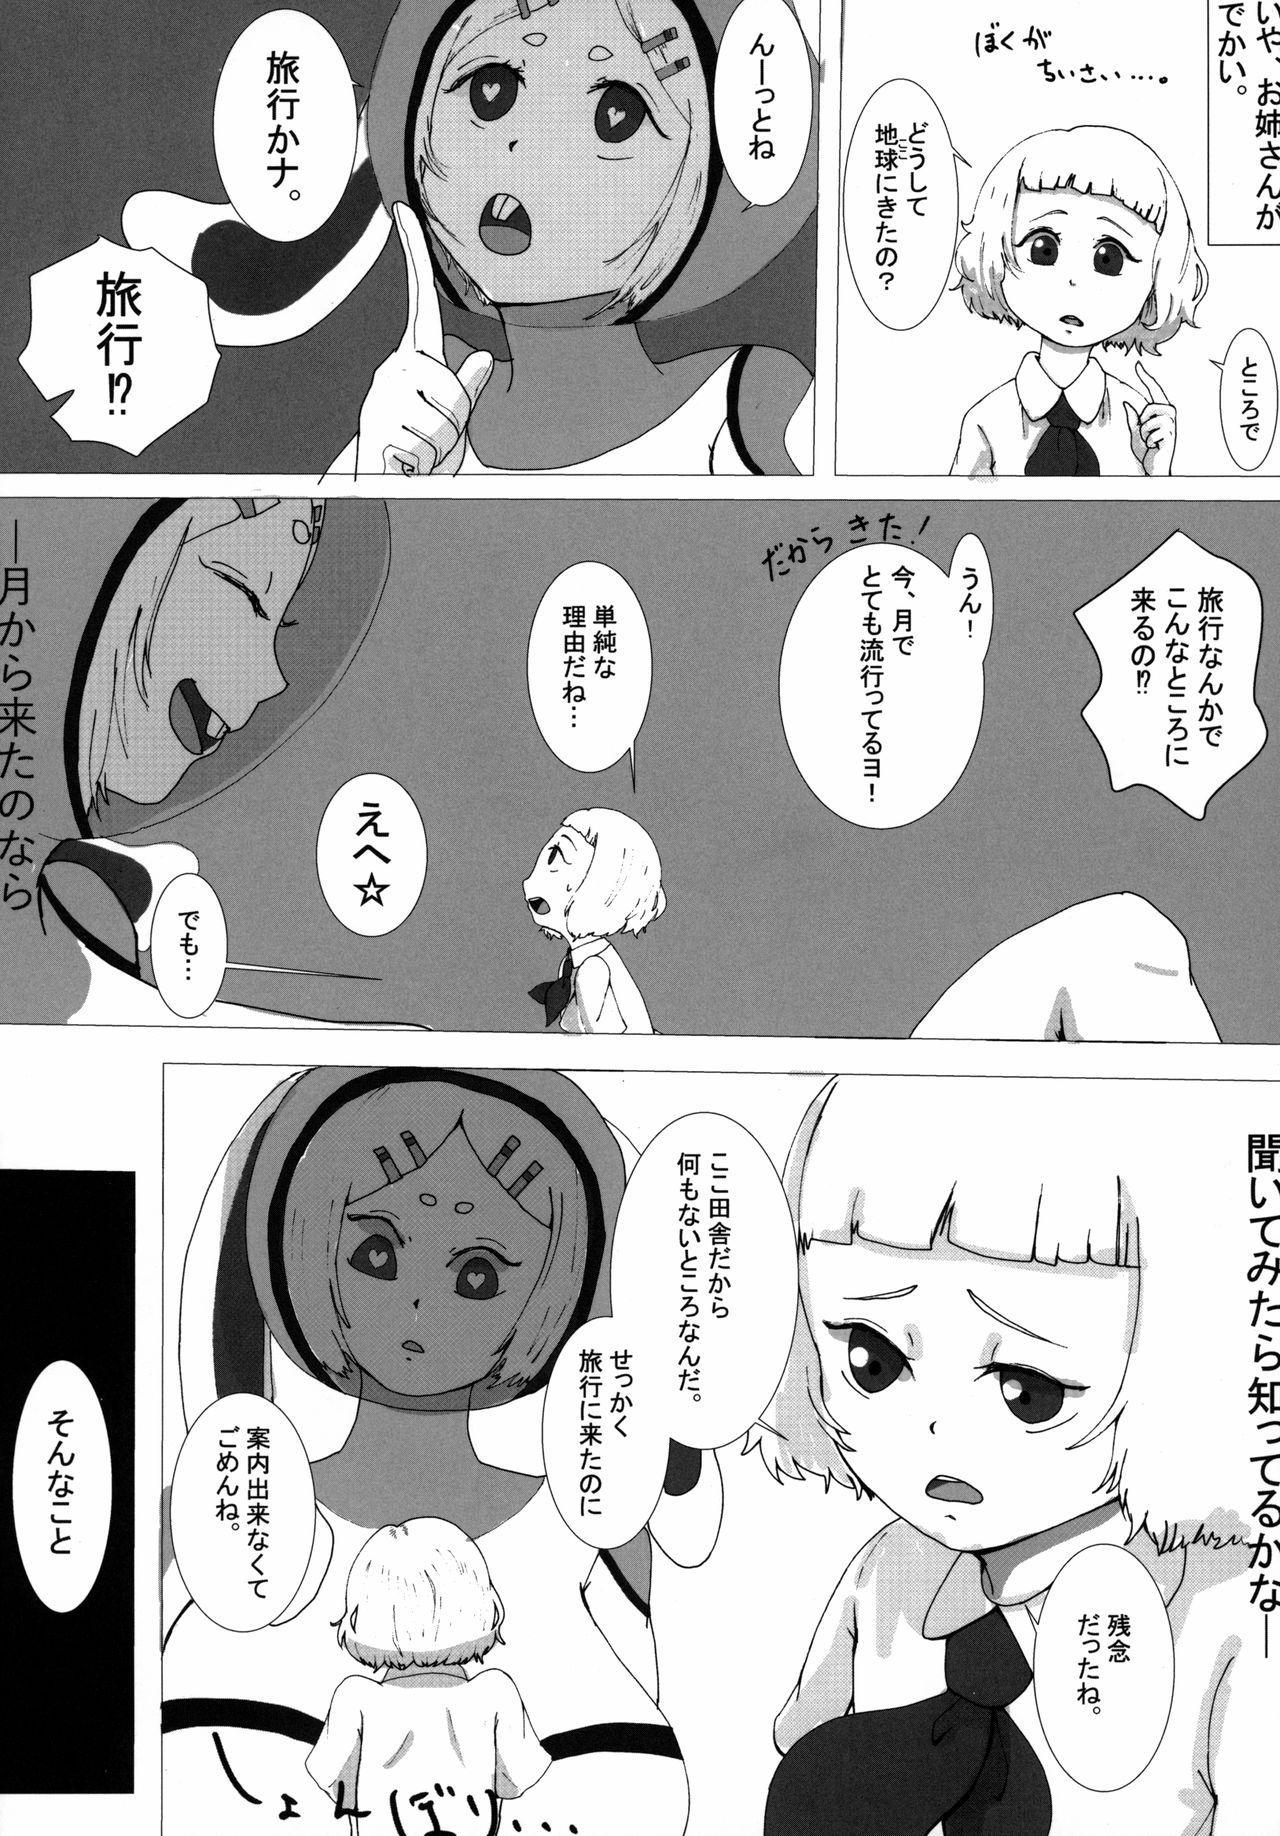 Uchuujin x Kyojo / Size-sa Goudoushi Reiwagou 122